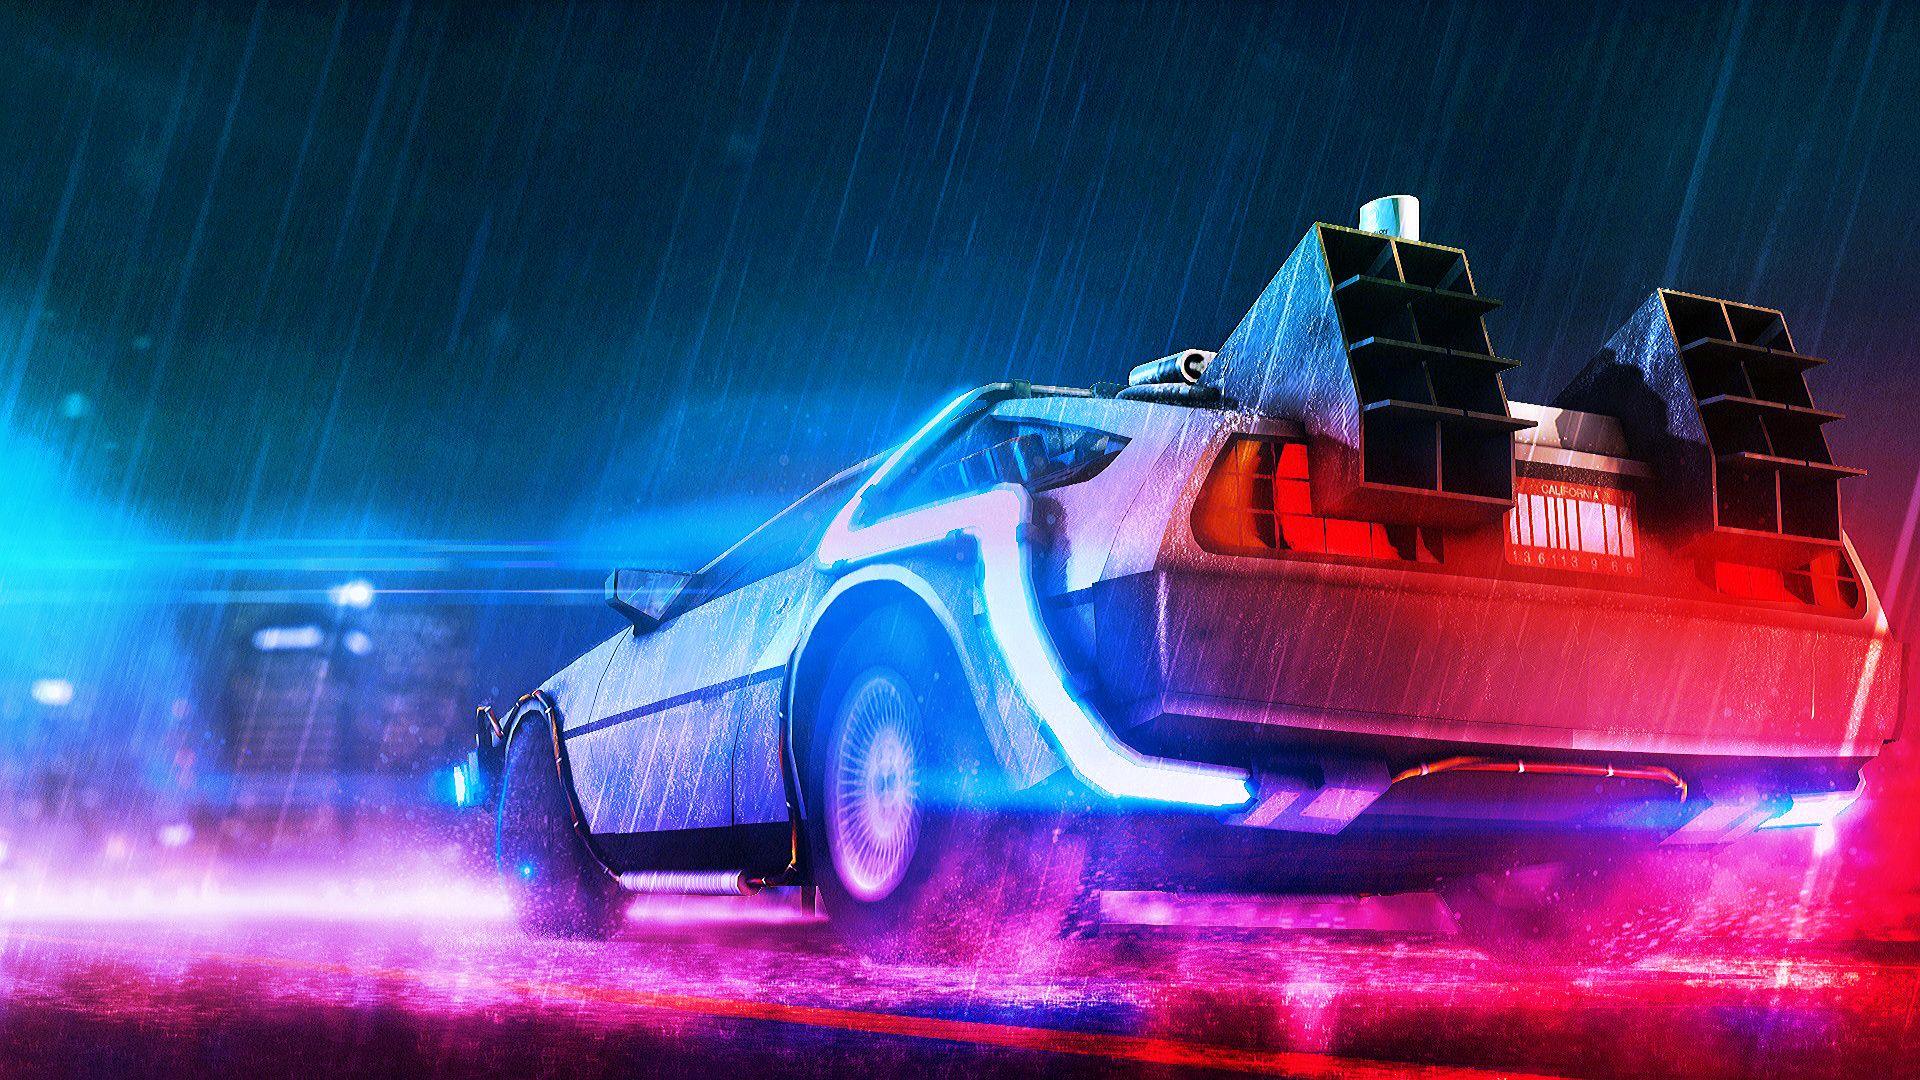 Back To The Future Neon Delorean Bttf Delorean Back To The Future